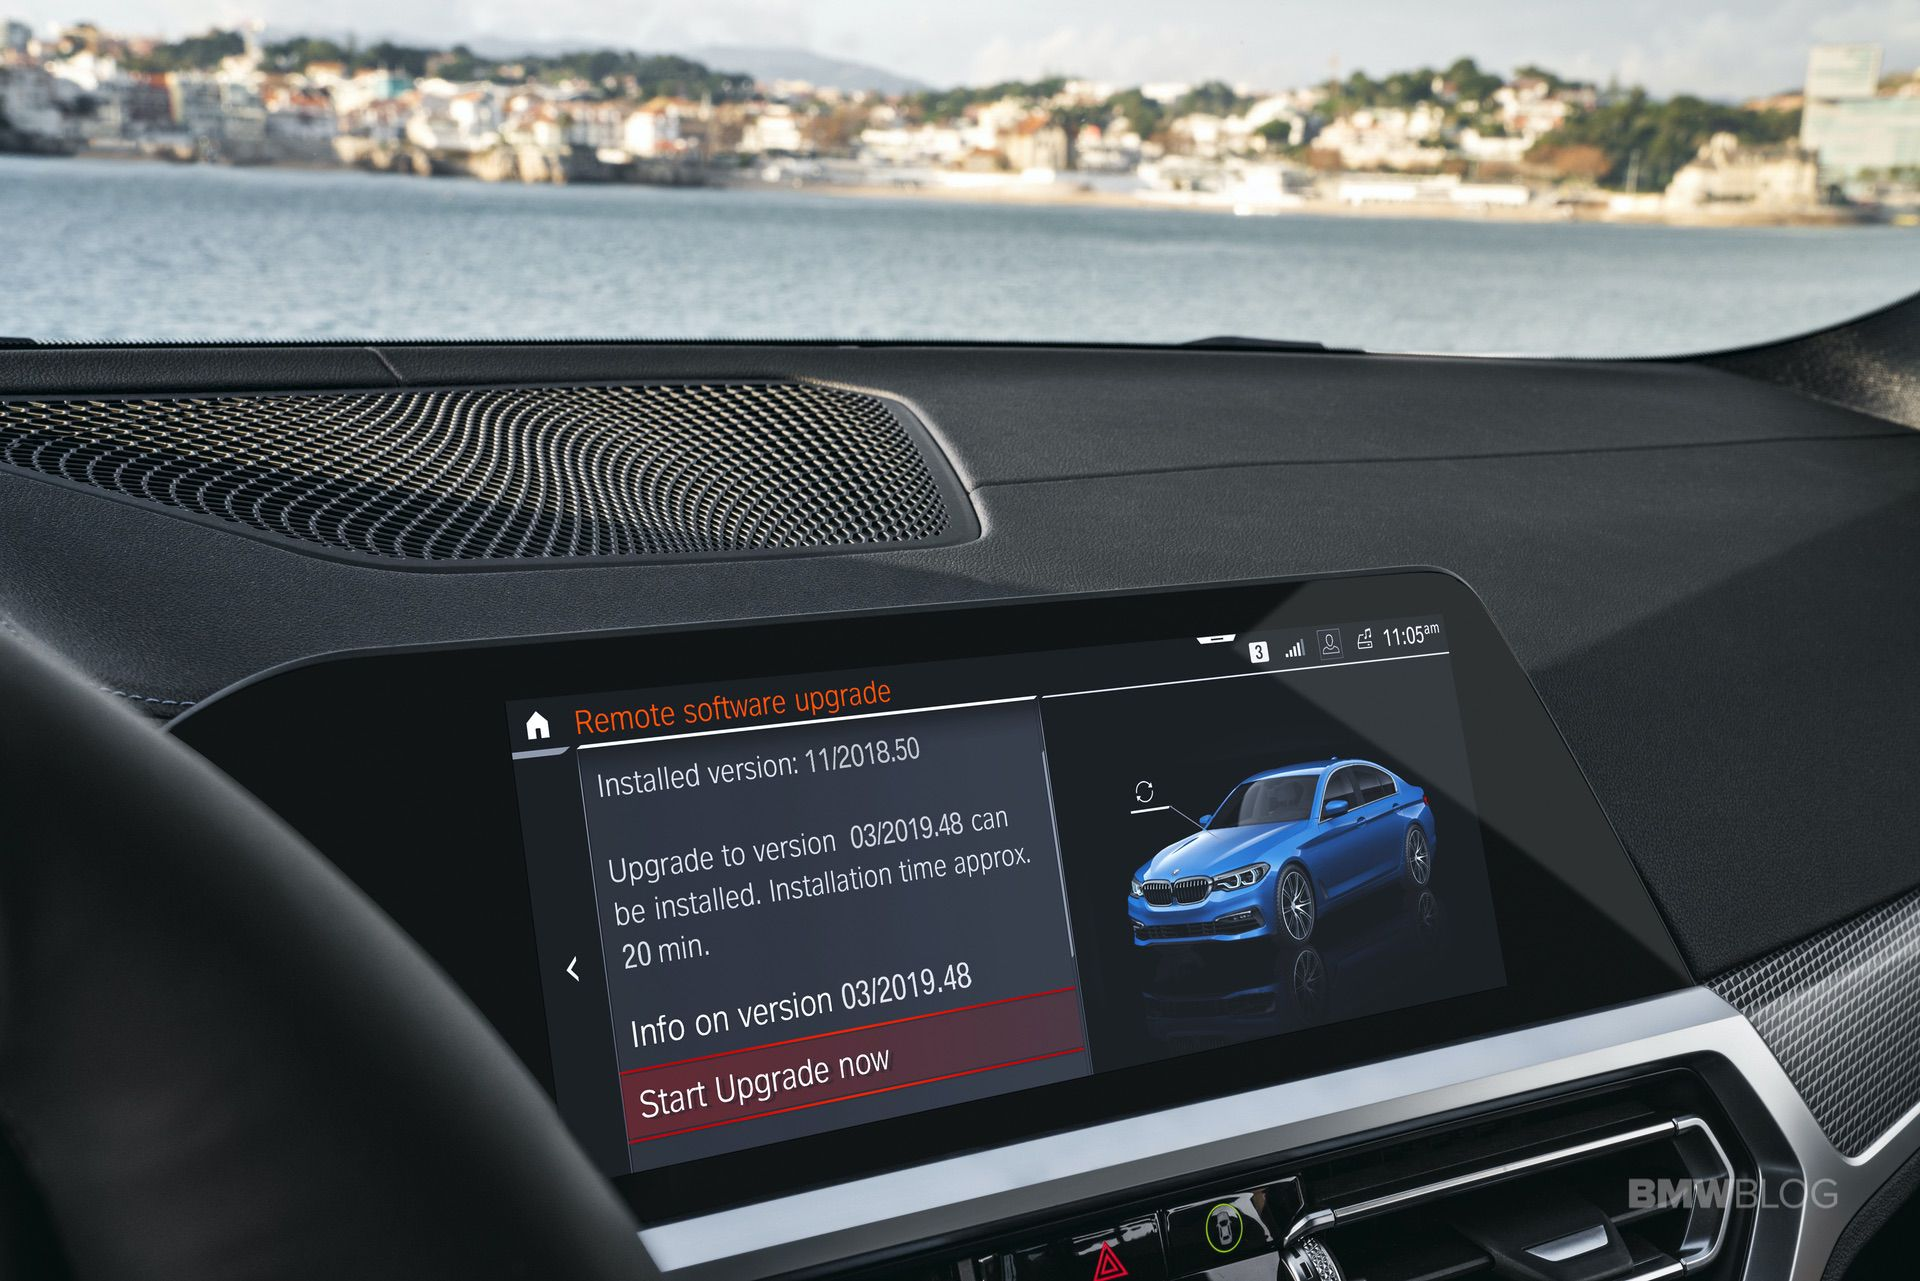 BMW Remote Software Upgrade 03